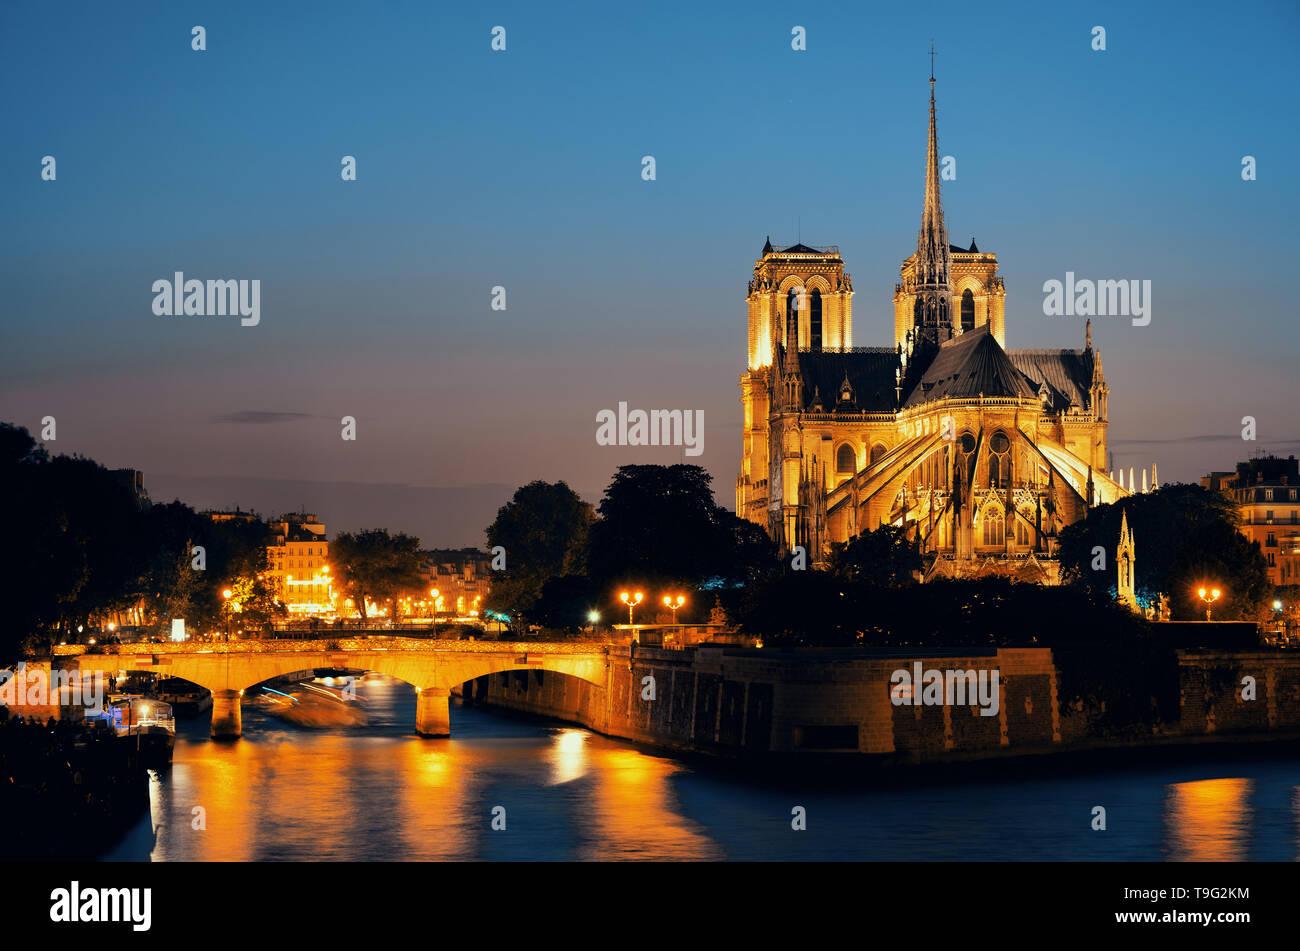 Notre Dame de Paris at dusk over River Seine as the famous city landmark. - Stock Image